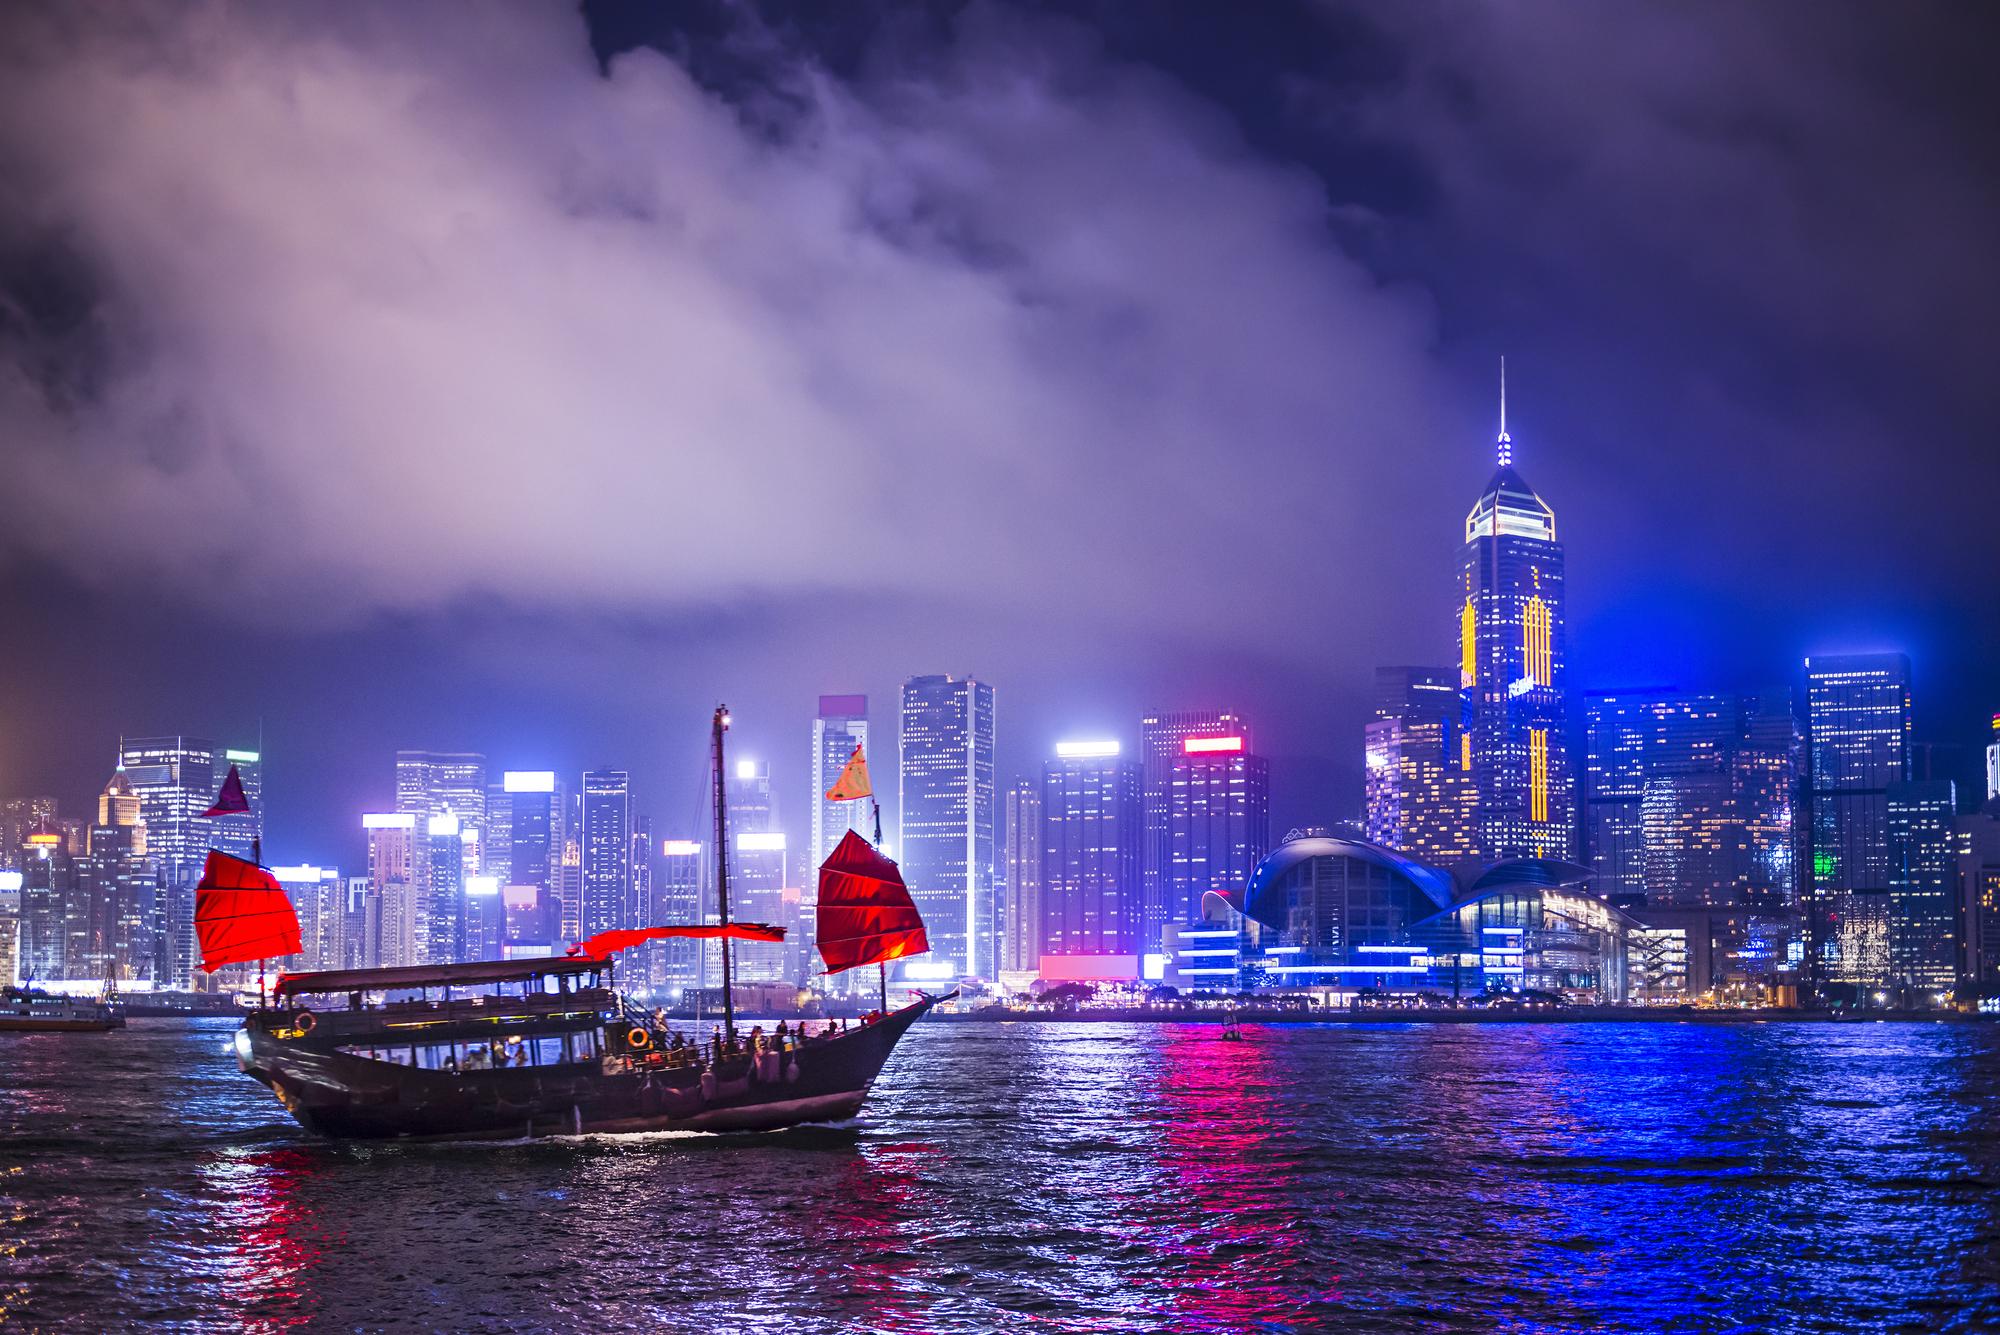 【成人立减900/人】【港城故事】香港澳门5日游【香港自由活动/海洋公园/国航直飞】